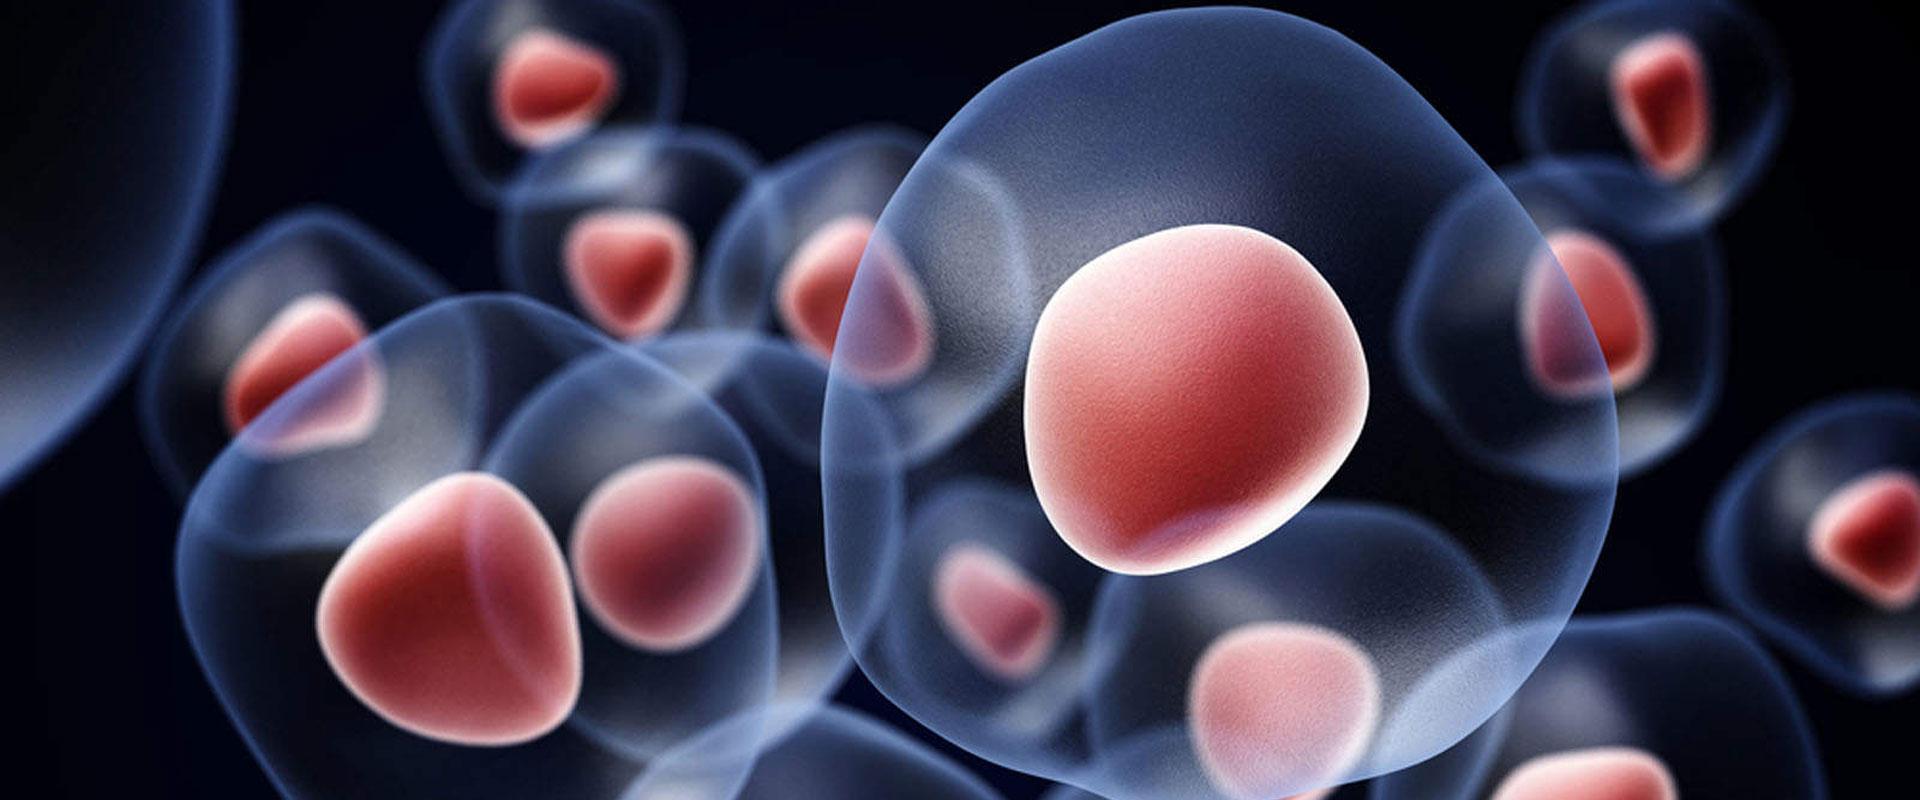 Клеточное питание: что это?